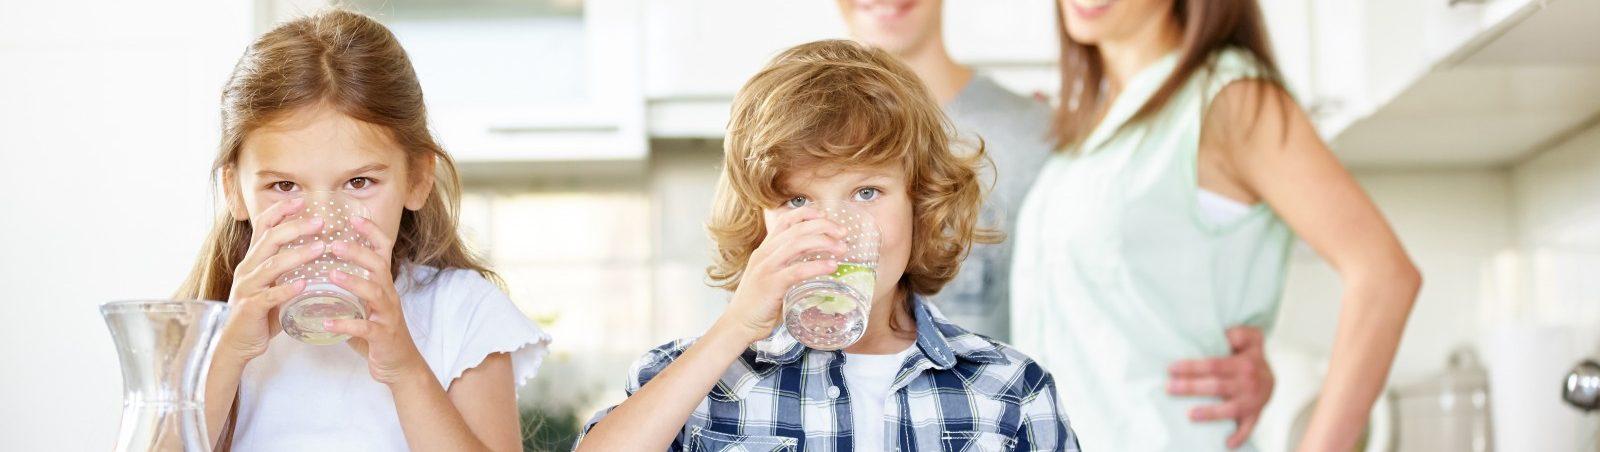 Kinder trinken Leitungswasser